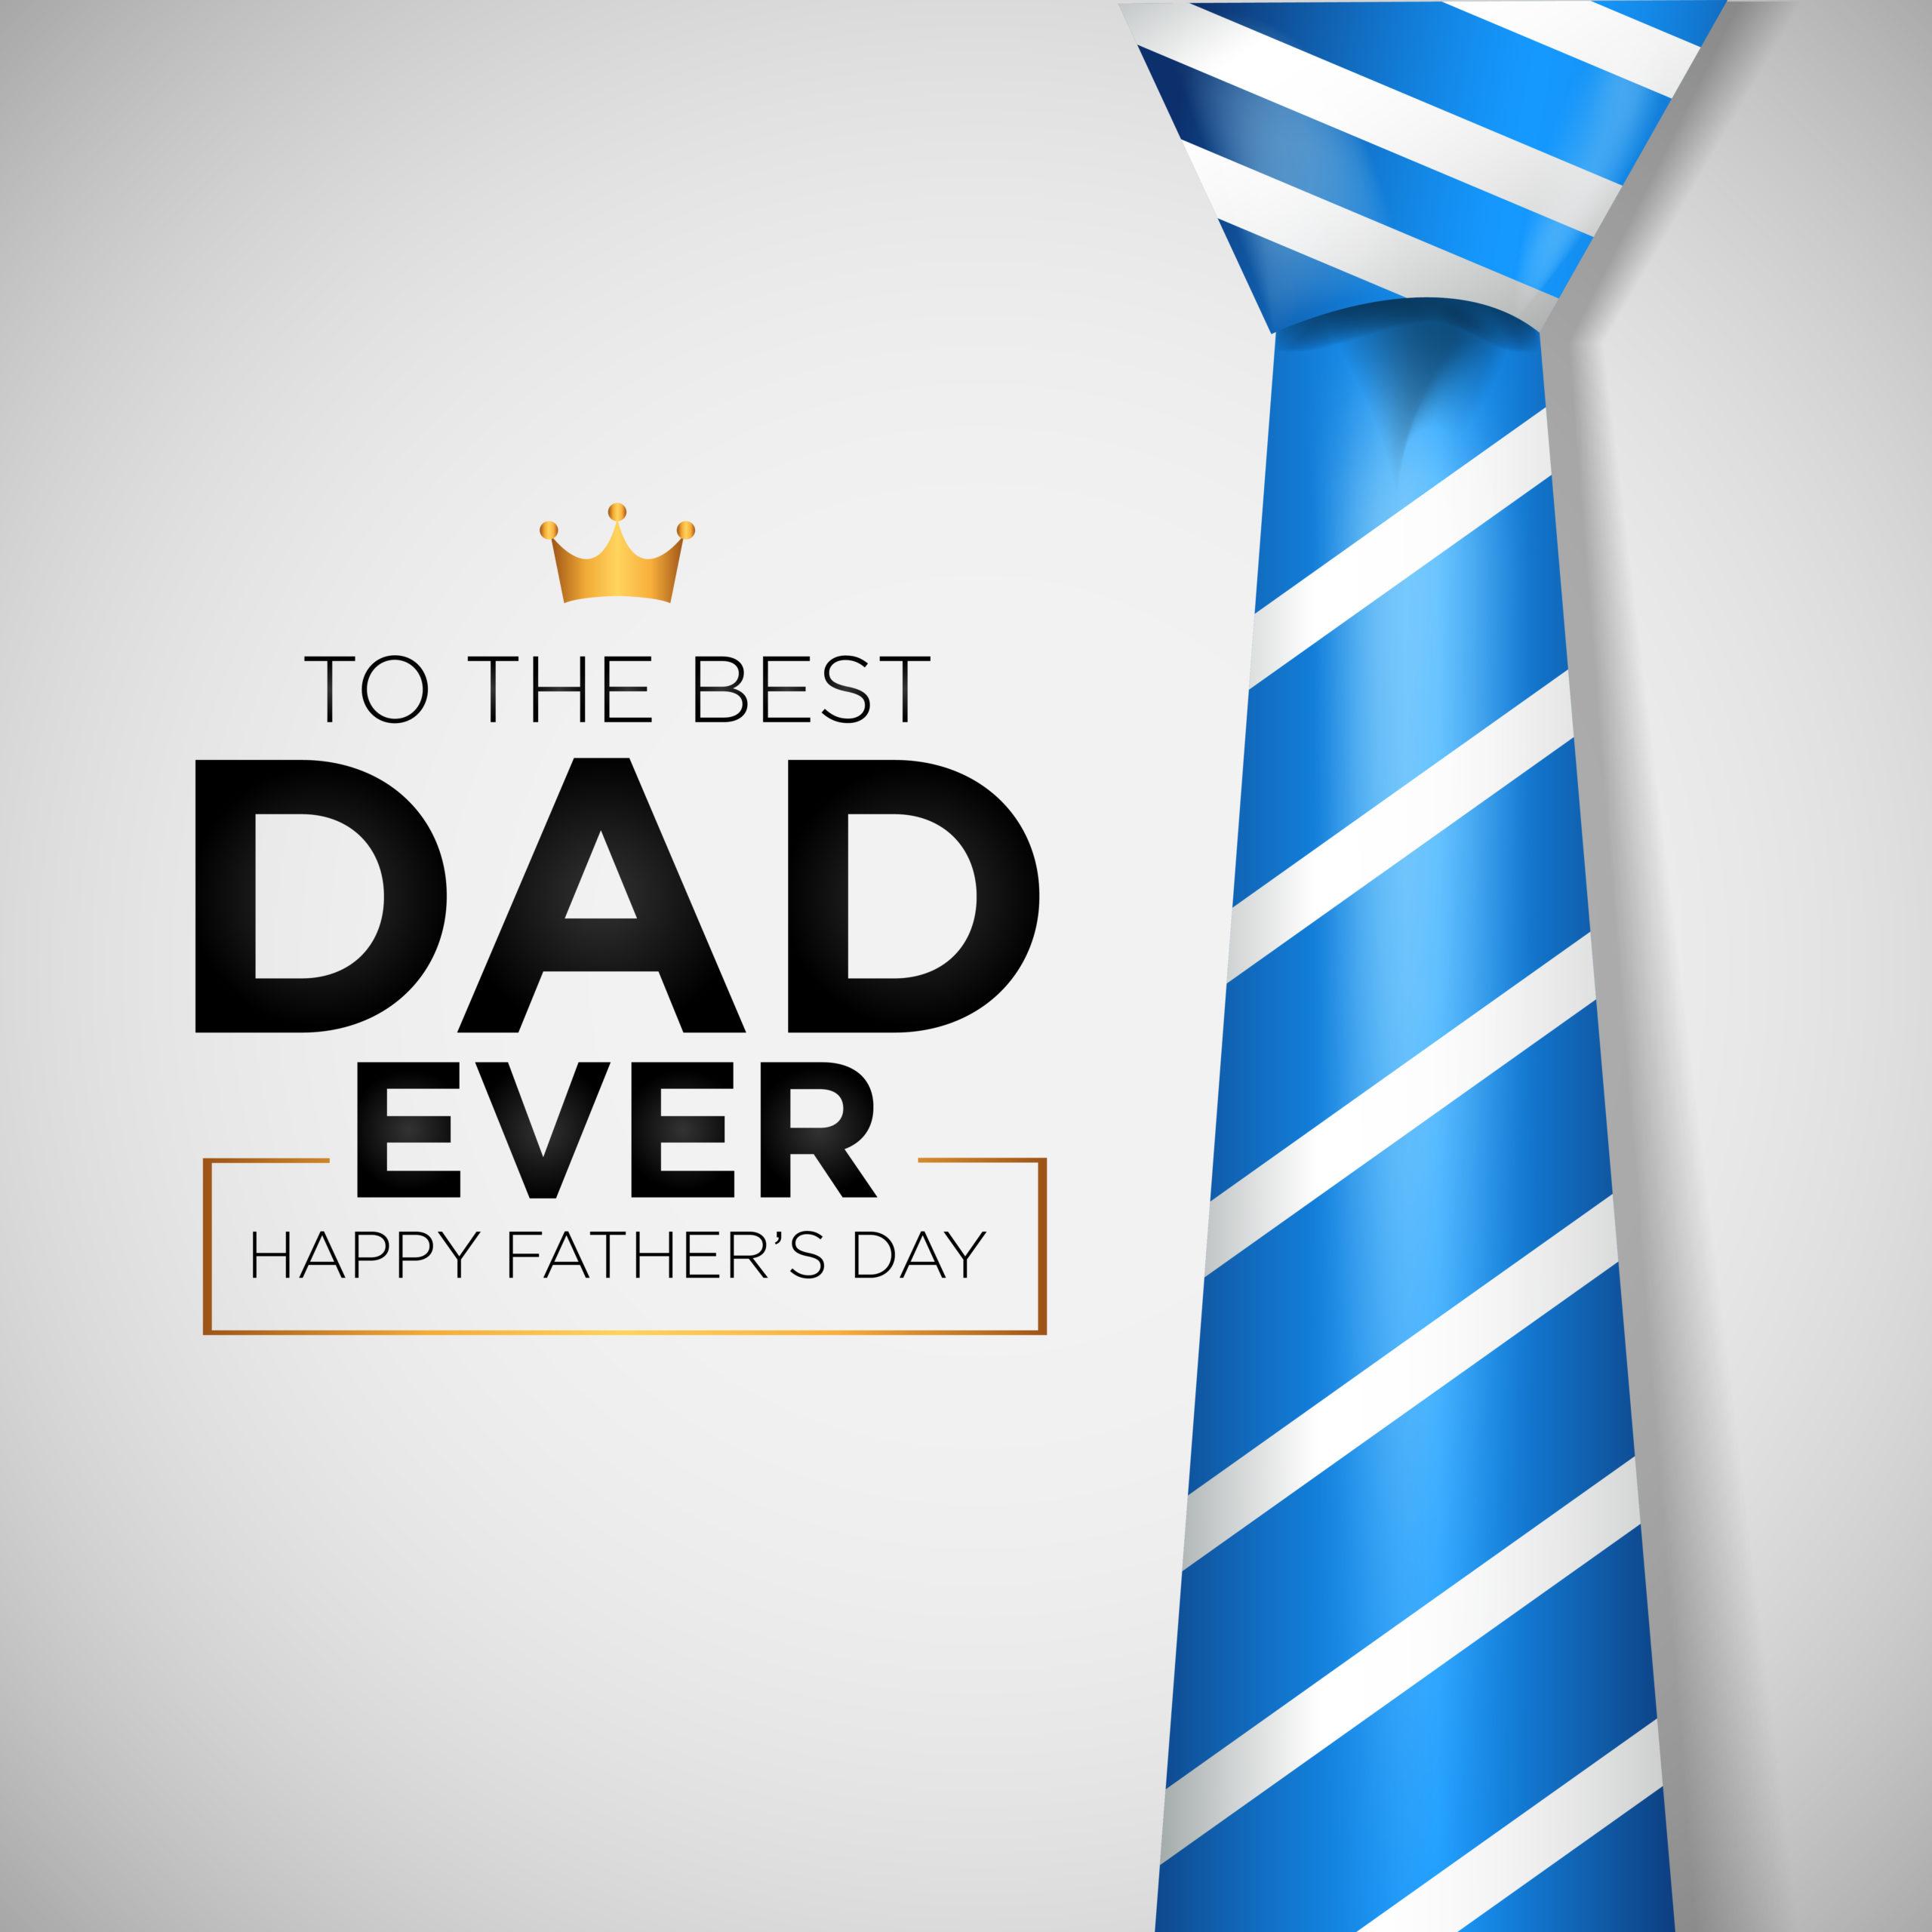 外出自粛でも働かないといけないお父さんに感謝の気持ちを伝えよう。